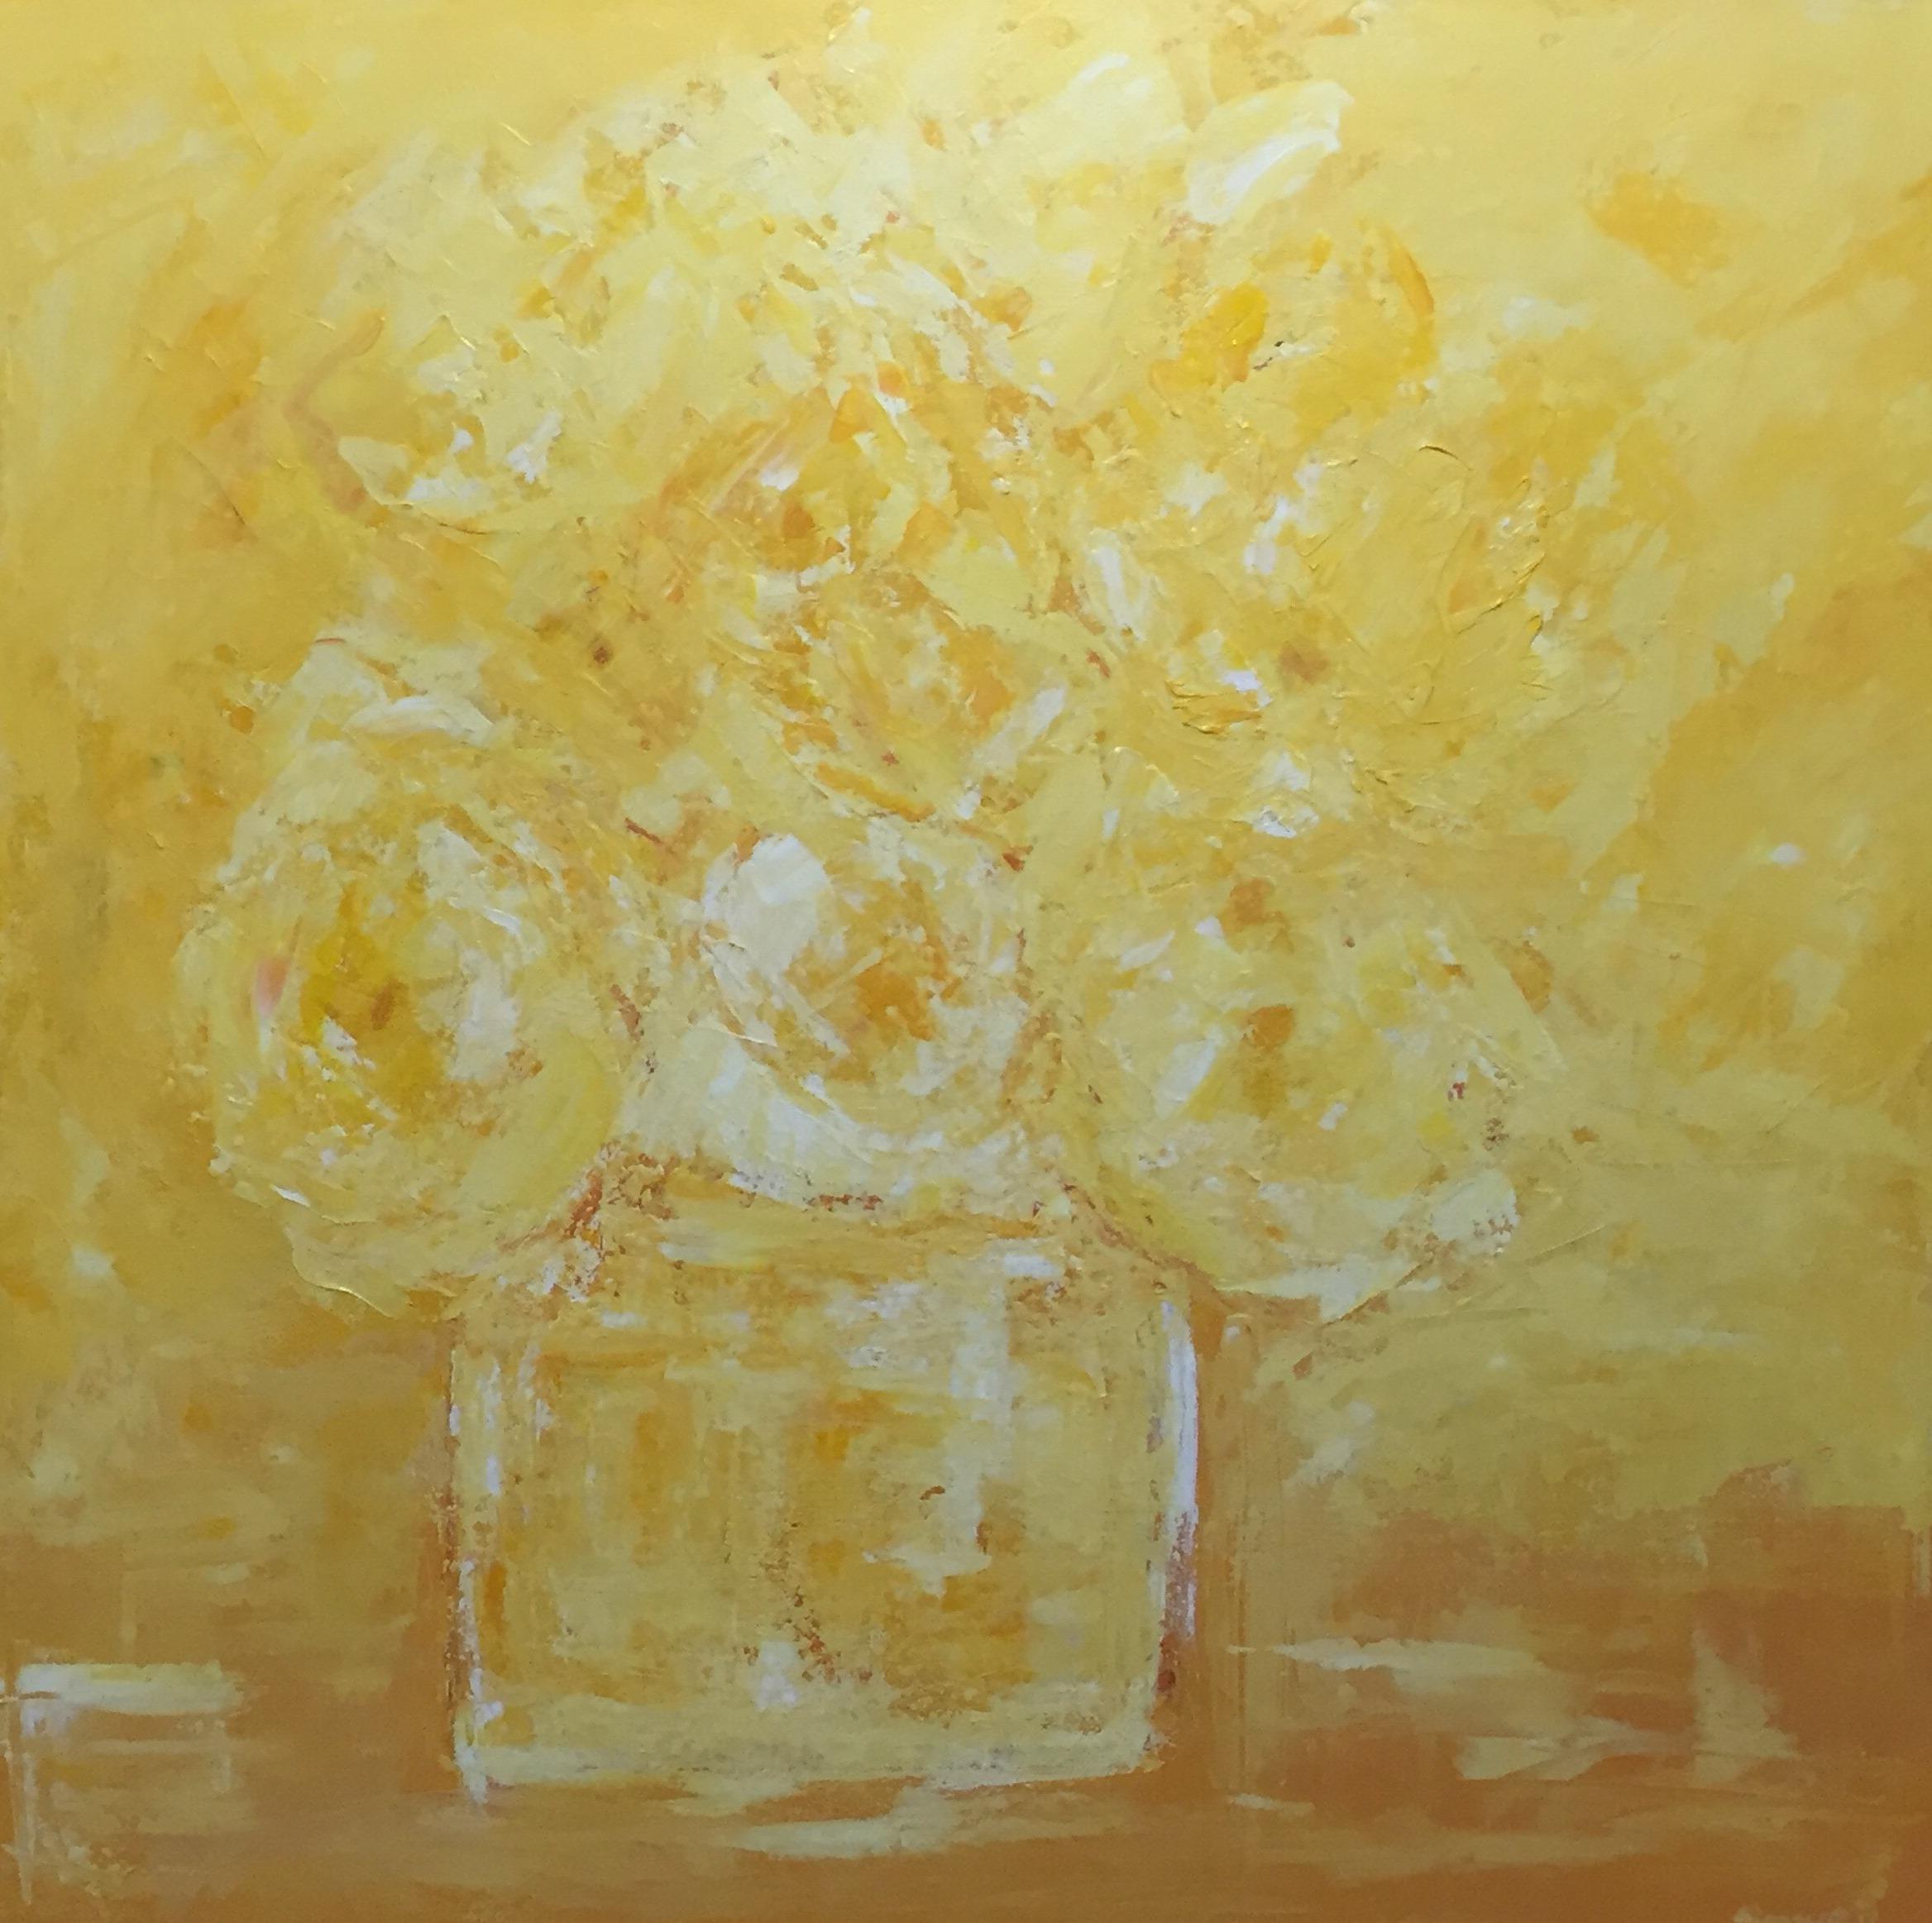 30 x 30. Acrylic on canvas